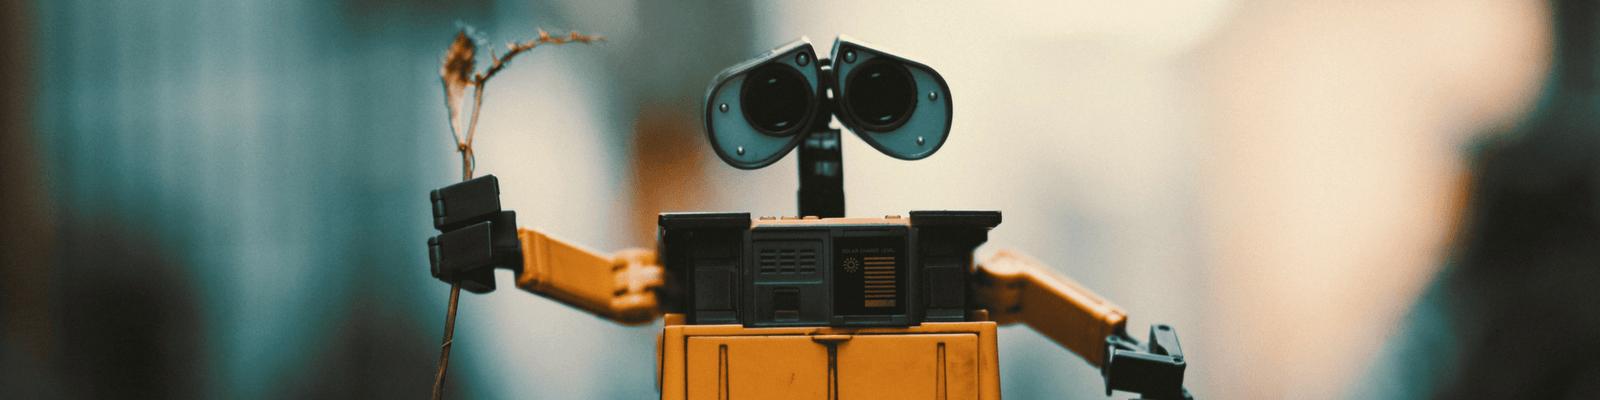 3 plantillas Dashboard para monitorizar tu ecommerce en Google Analytics